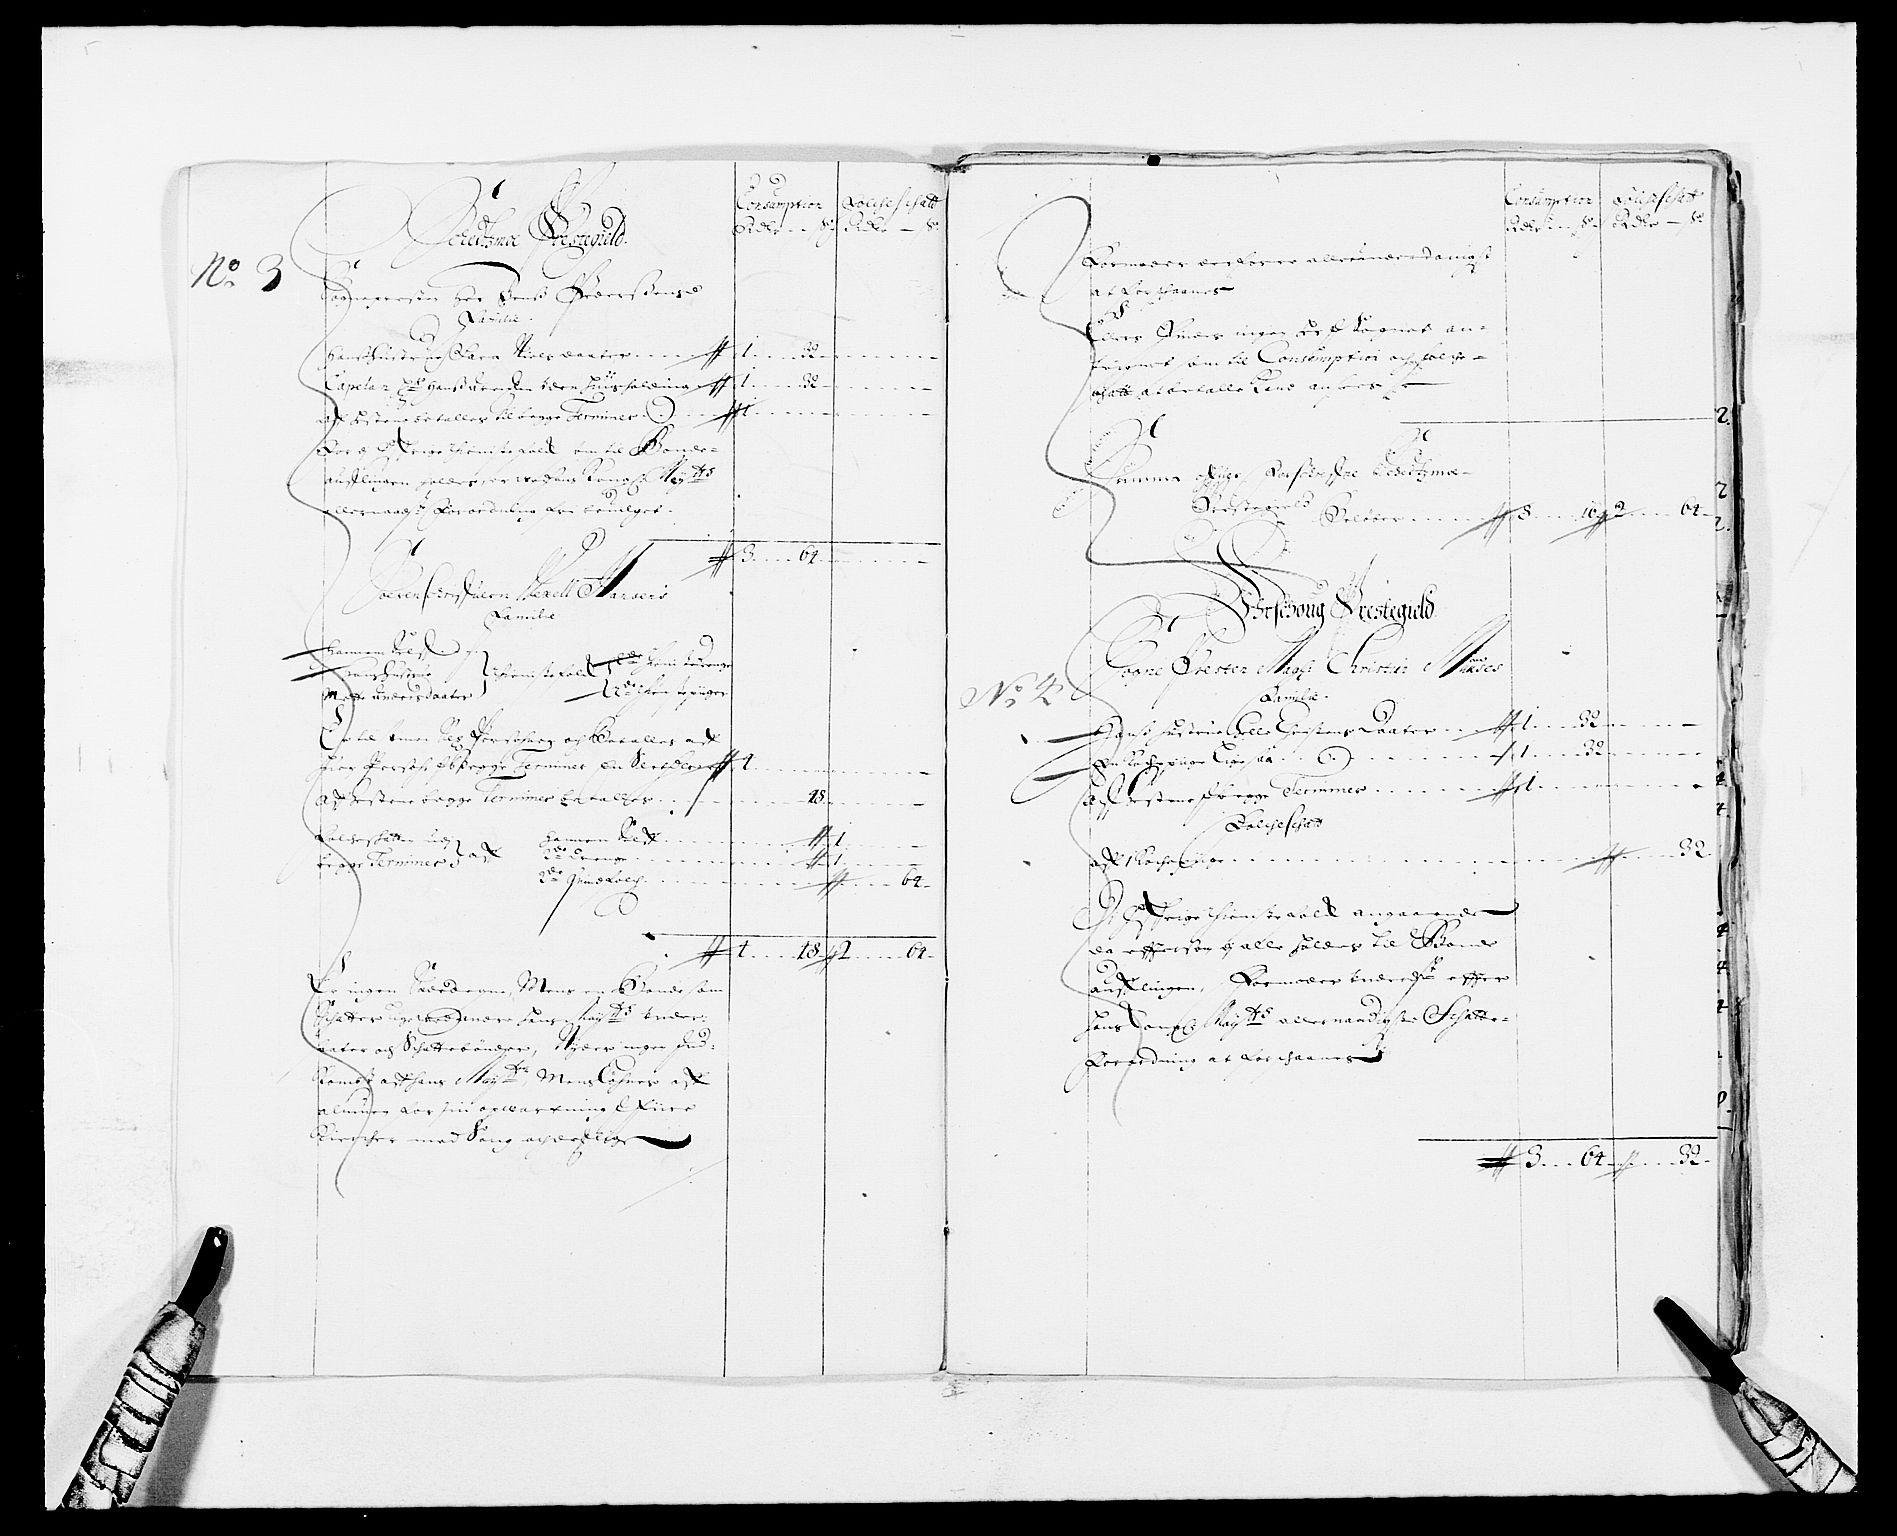 RA, Rentekammeret inntil 1814, Reviderte regnskaper, Fogderegnskap, R11/L0571: Fogderegnskap Nedre Romerike, 1683-1685, s. 500